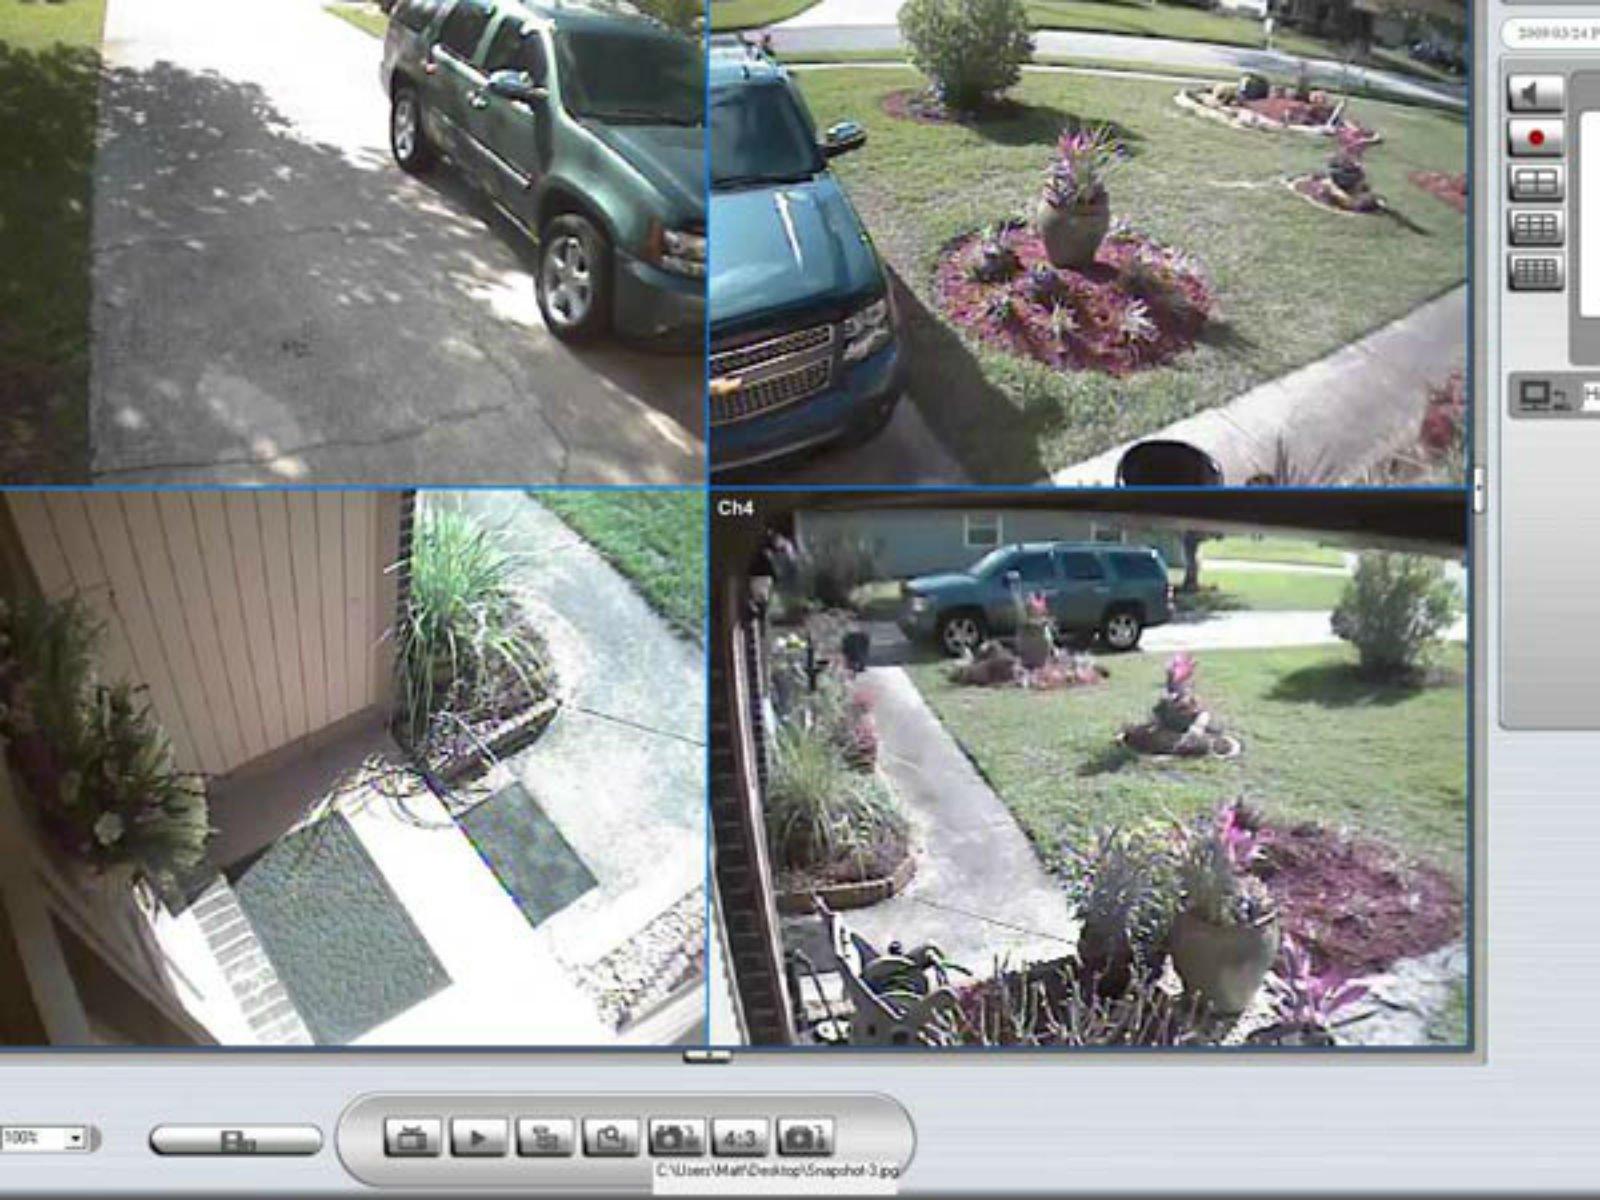 immagini riprese da telecamere di sicurezza